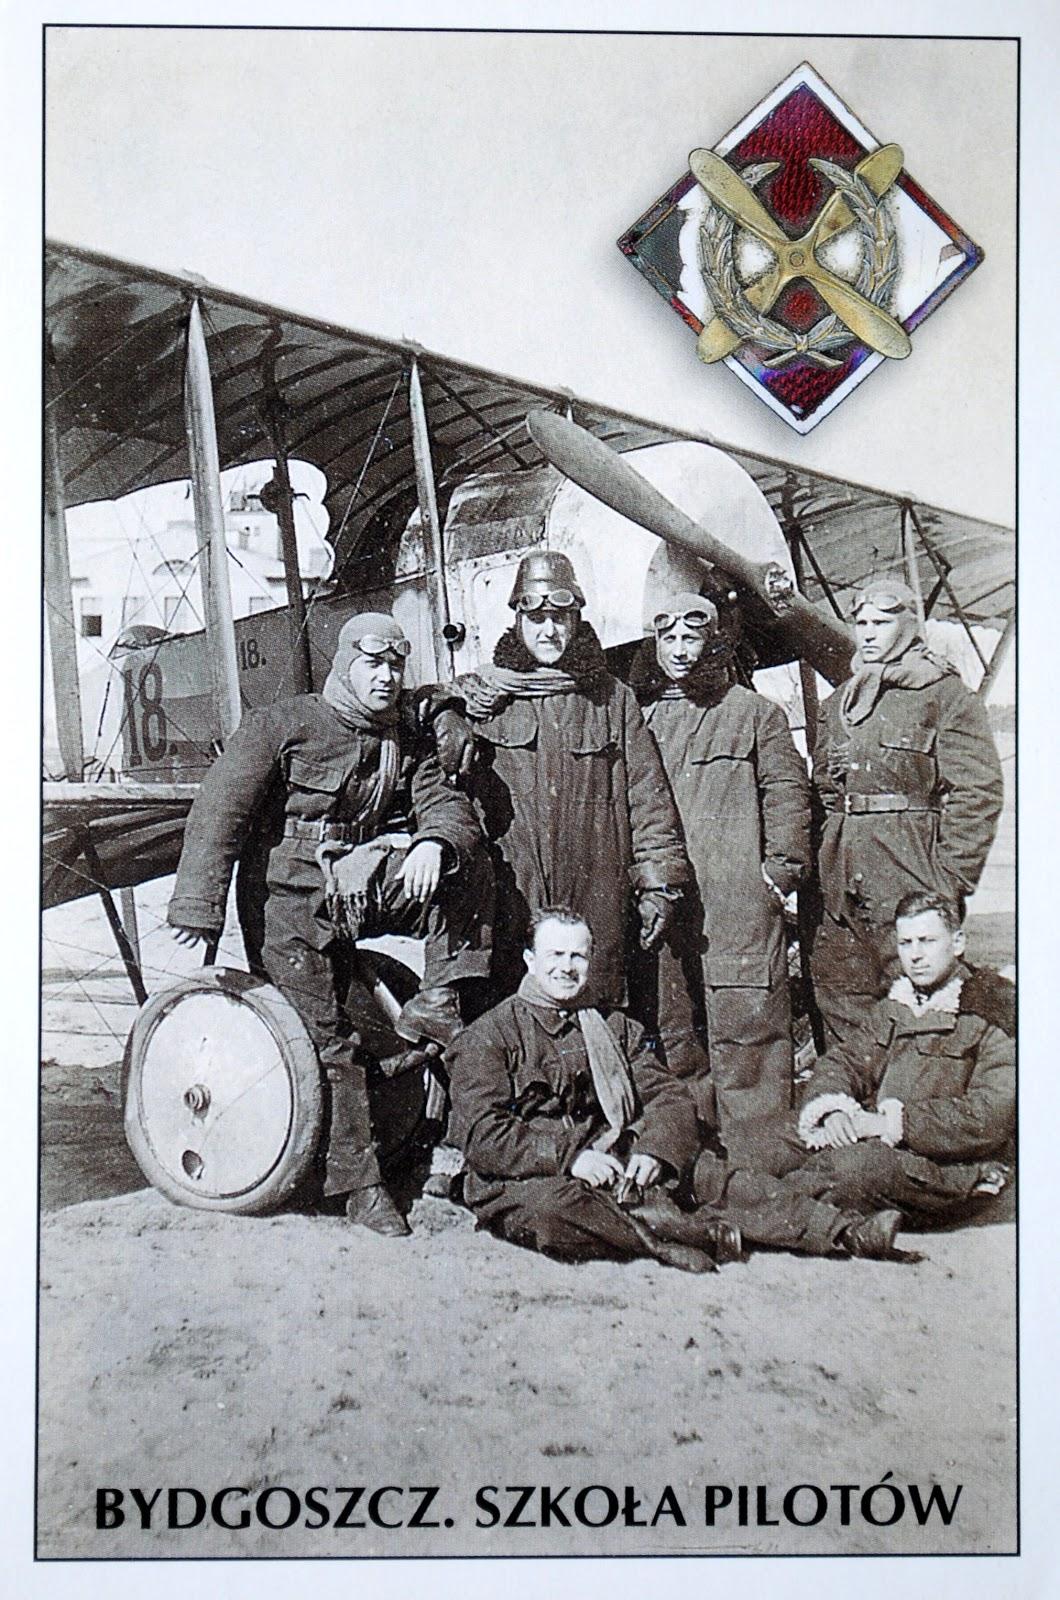 szkoła pilotów